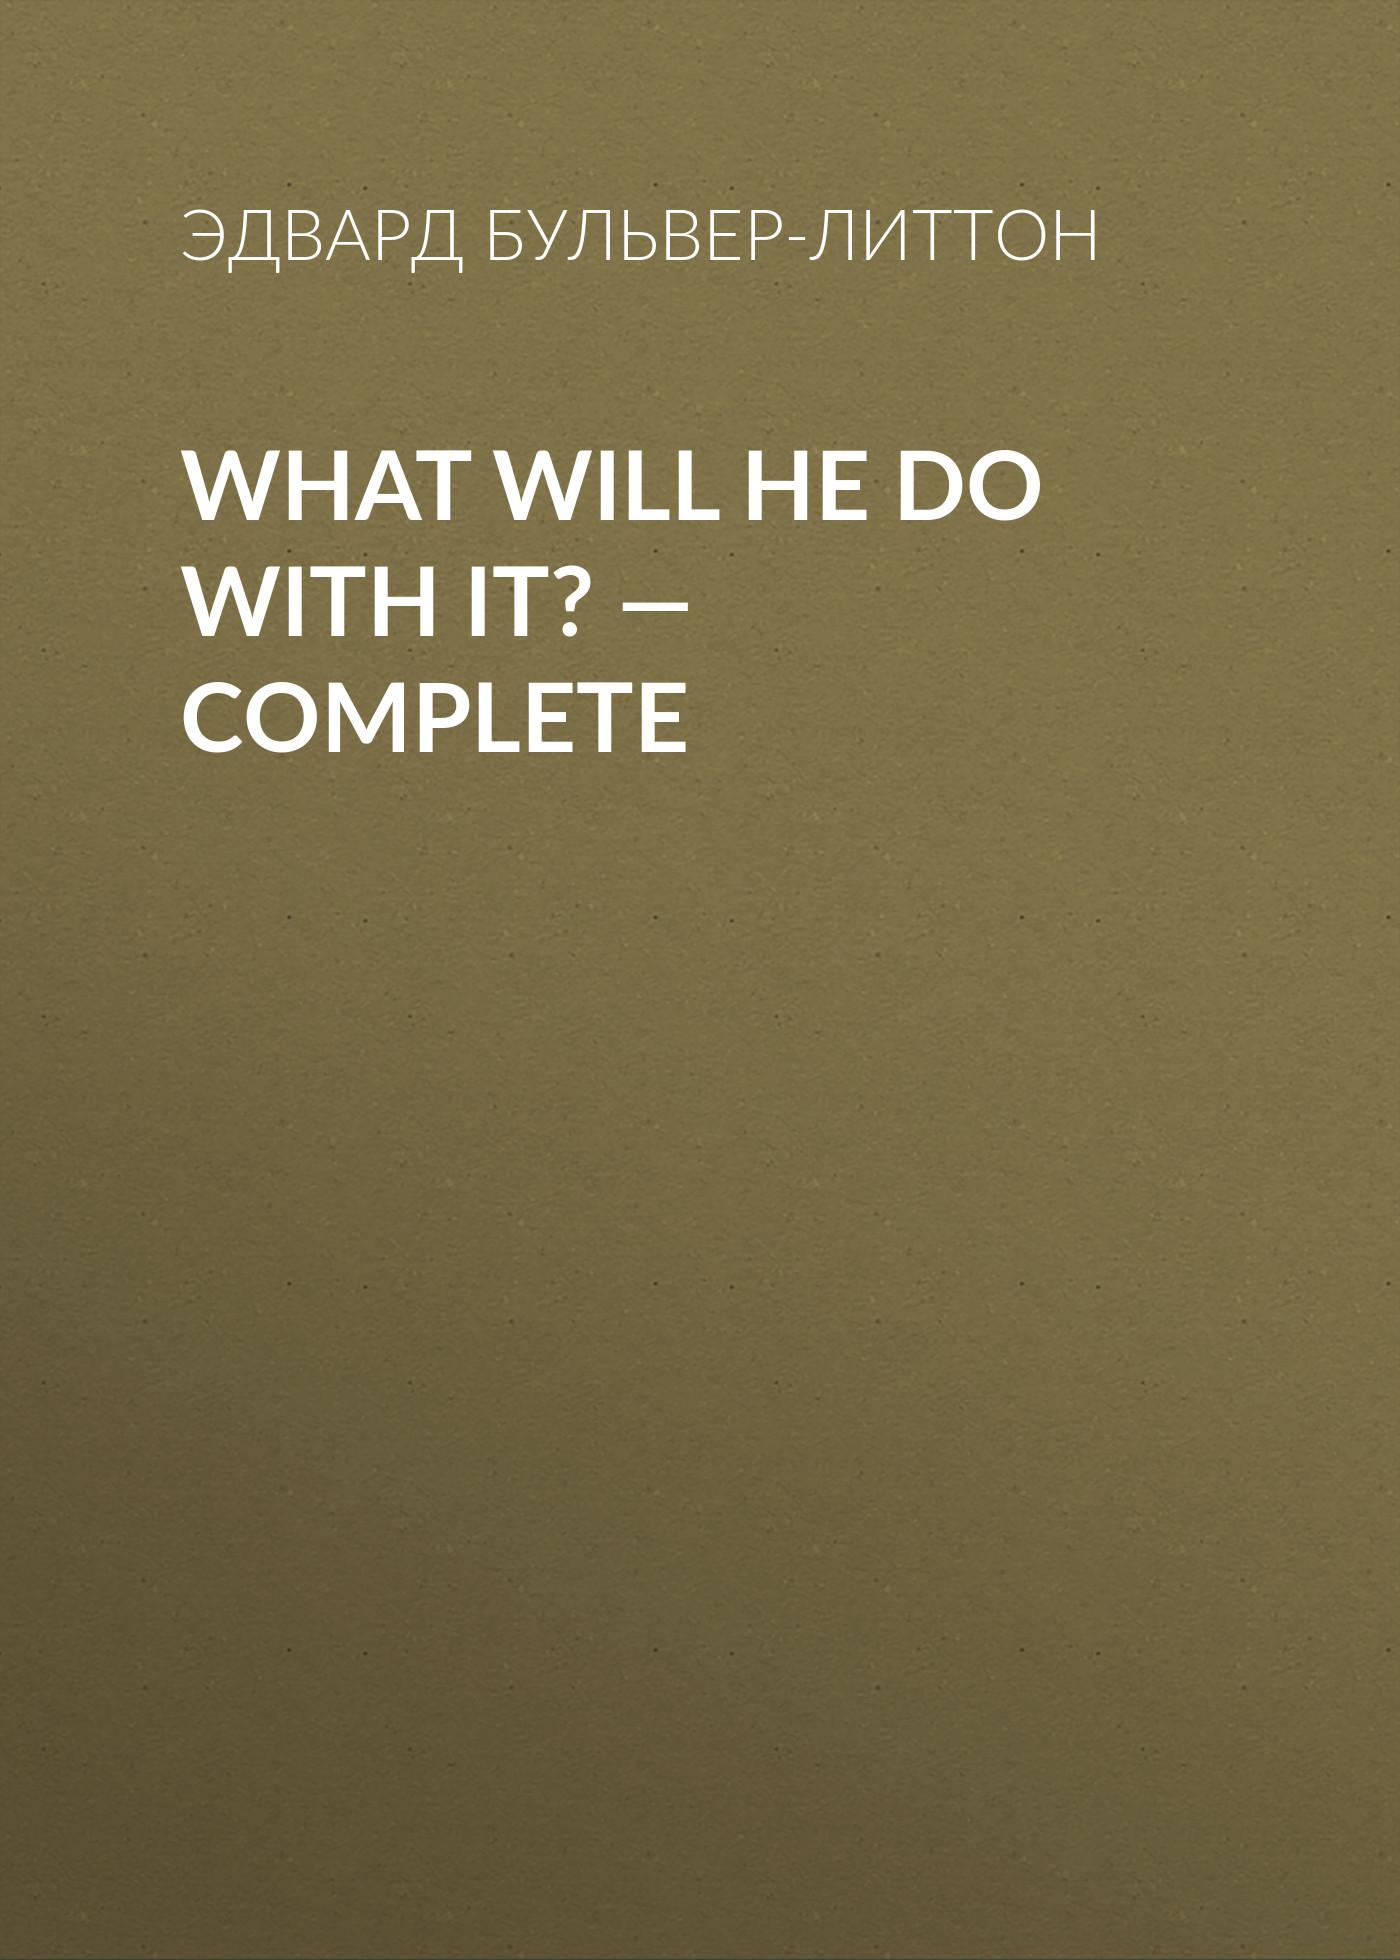 What Will He Do with It? — Complete ( Эдвард Бульвер-Литтон  )